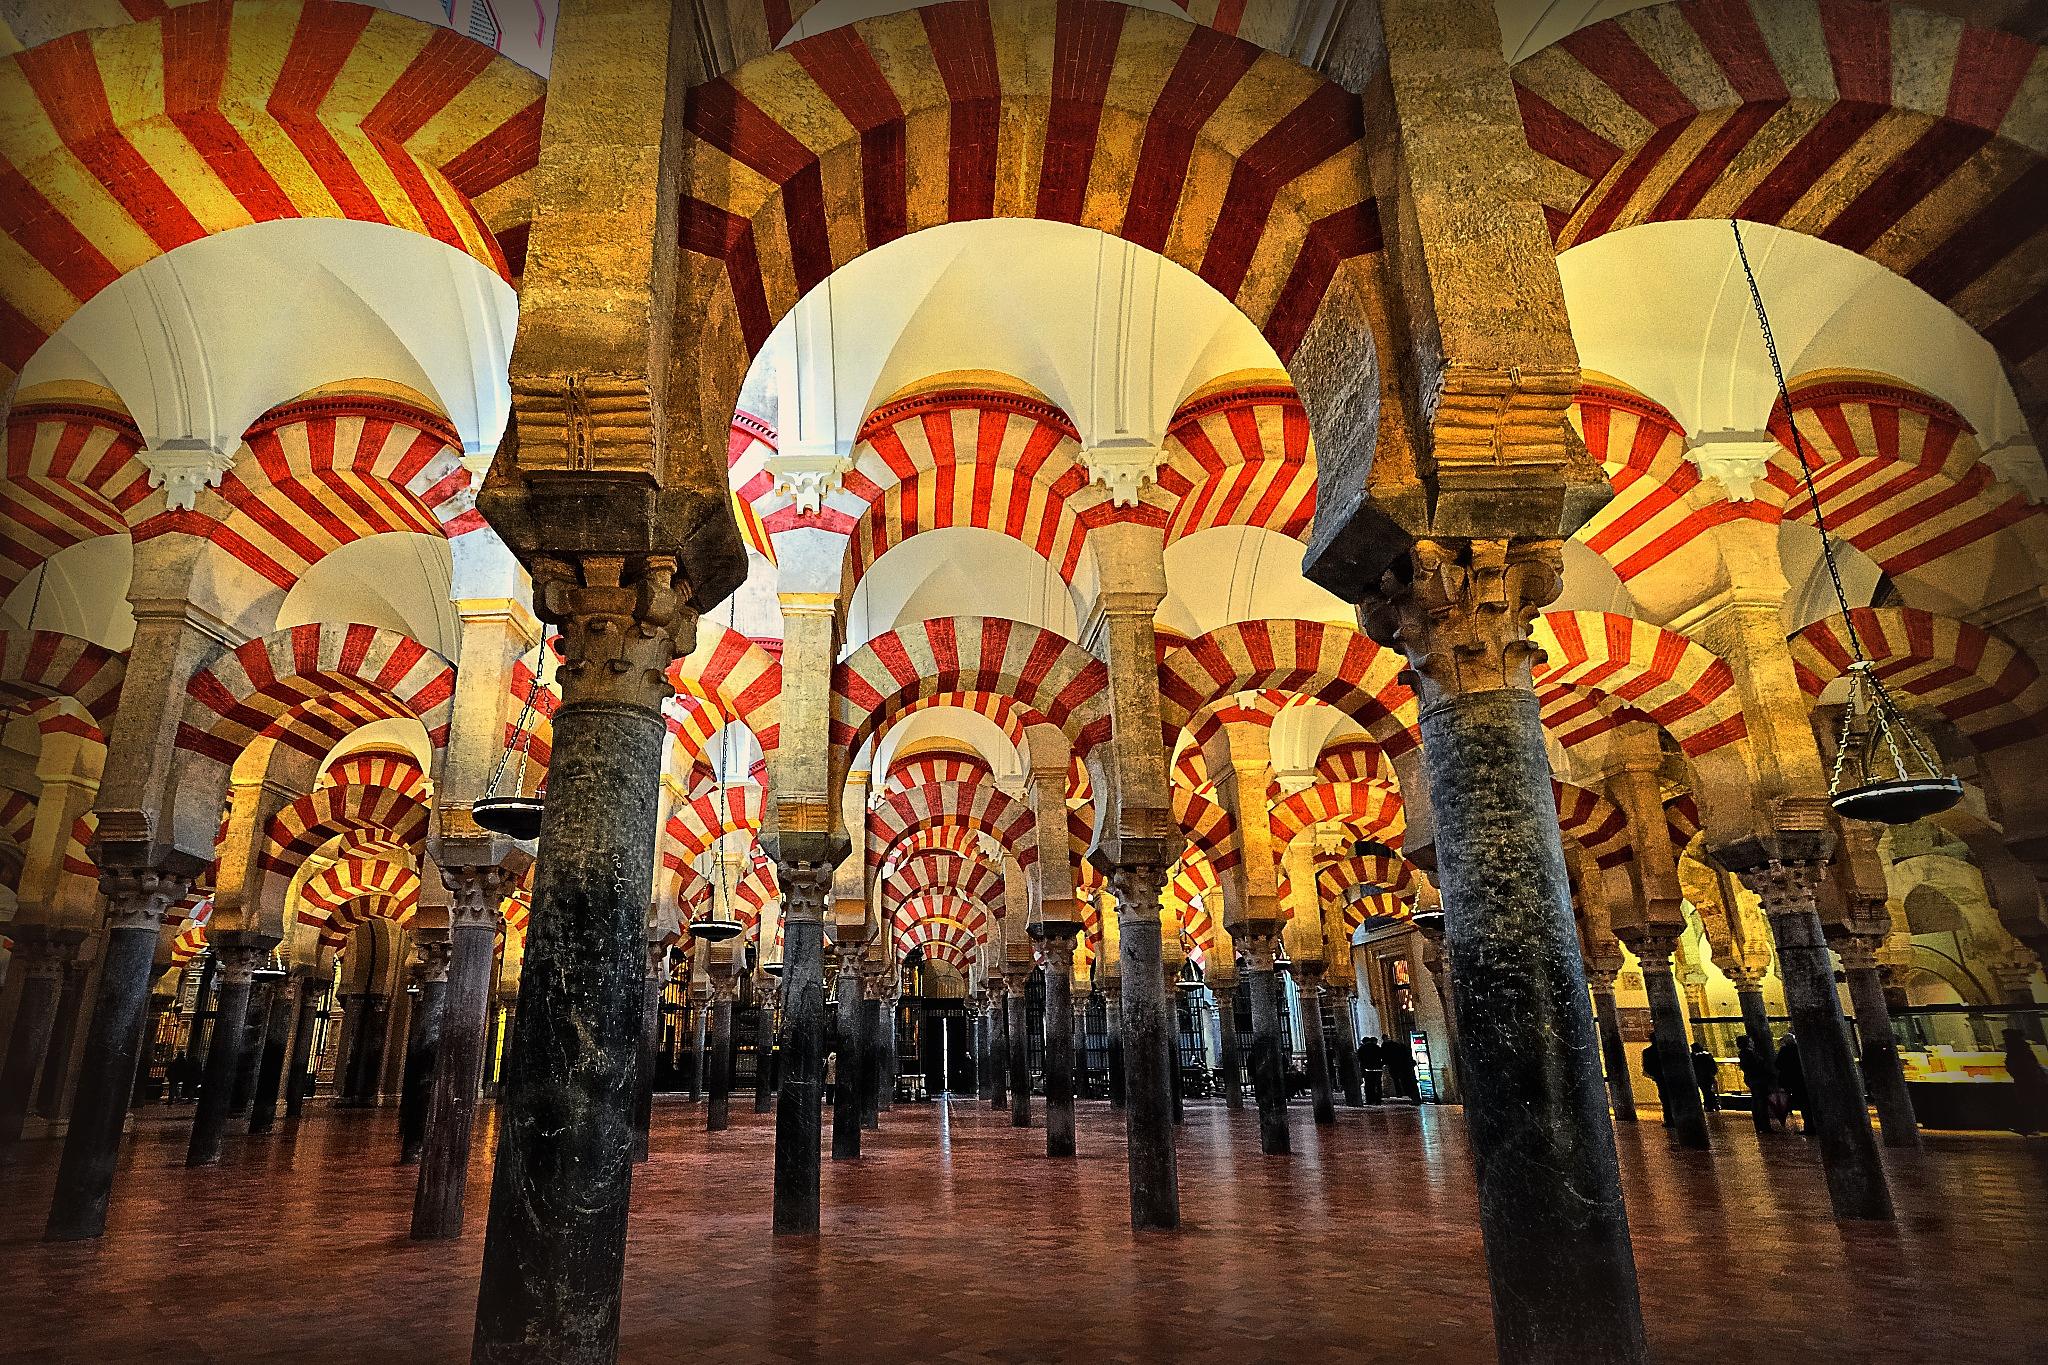 الجناح الأيسر بجامع قُرطبة، الذي يُعرف بجامع المنصور، نسبة إلى مُشيده الحاجب المنصور بن أبي عامر سنة 377 - 380 هـ / 977 - 990 م